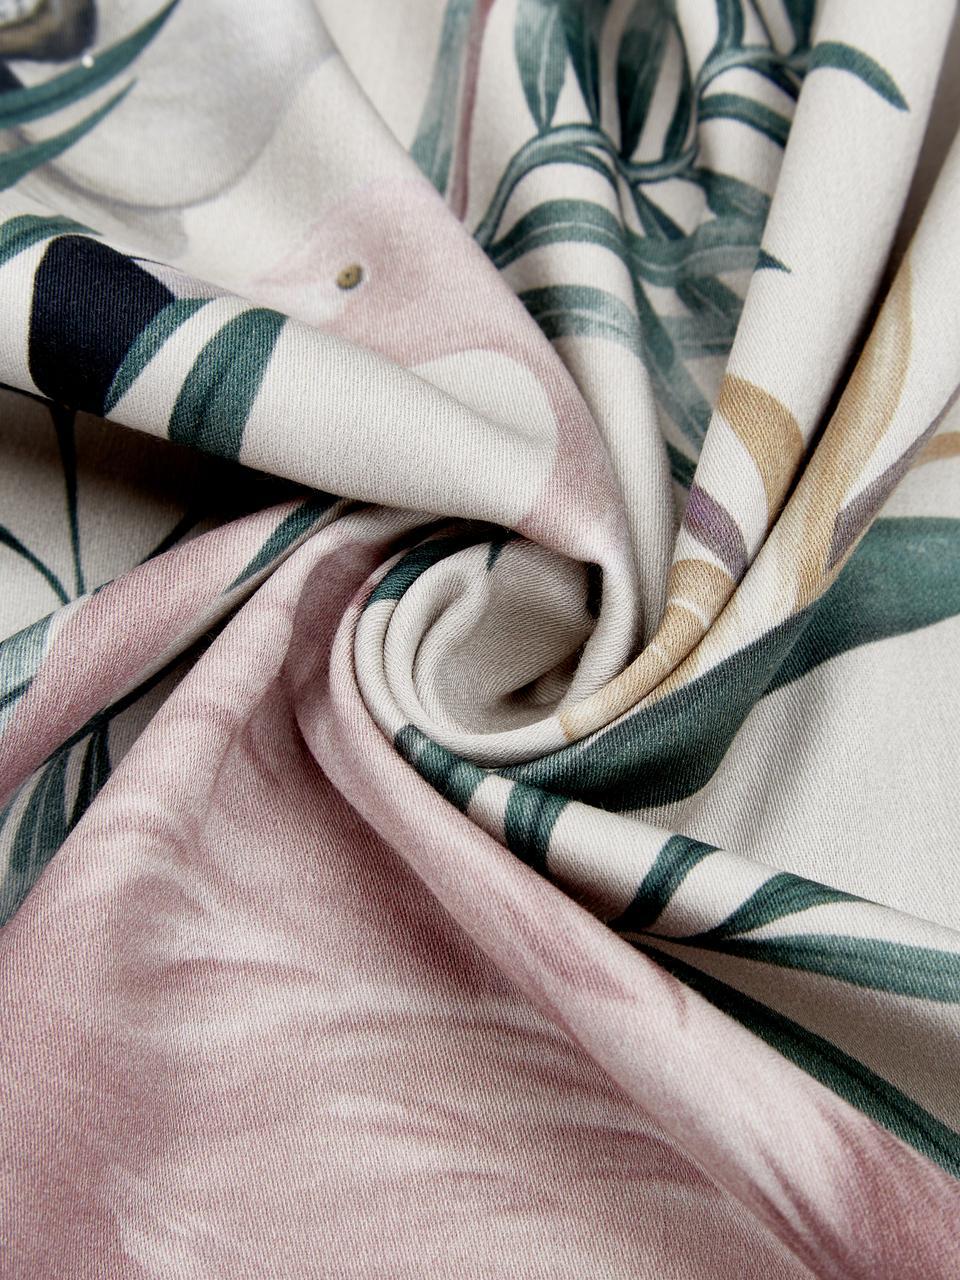 Baumwollsatin-Bettwäsche Elliana mit Flamingo-Print, Webart: Satin Fadendichte 200 TC,, Beige, Rosa, Grün, 240 x 220 cm + 2 Kissen 80 x 80 cm